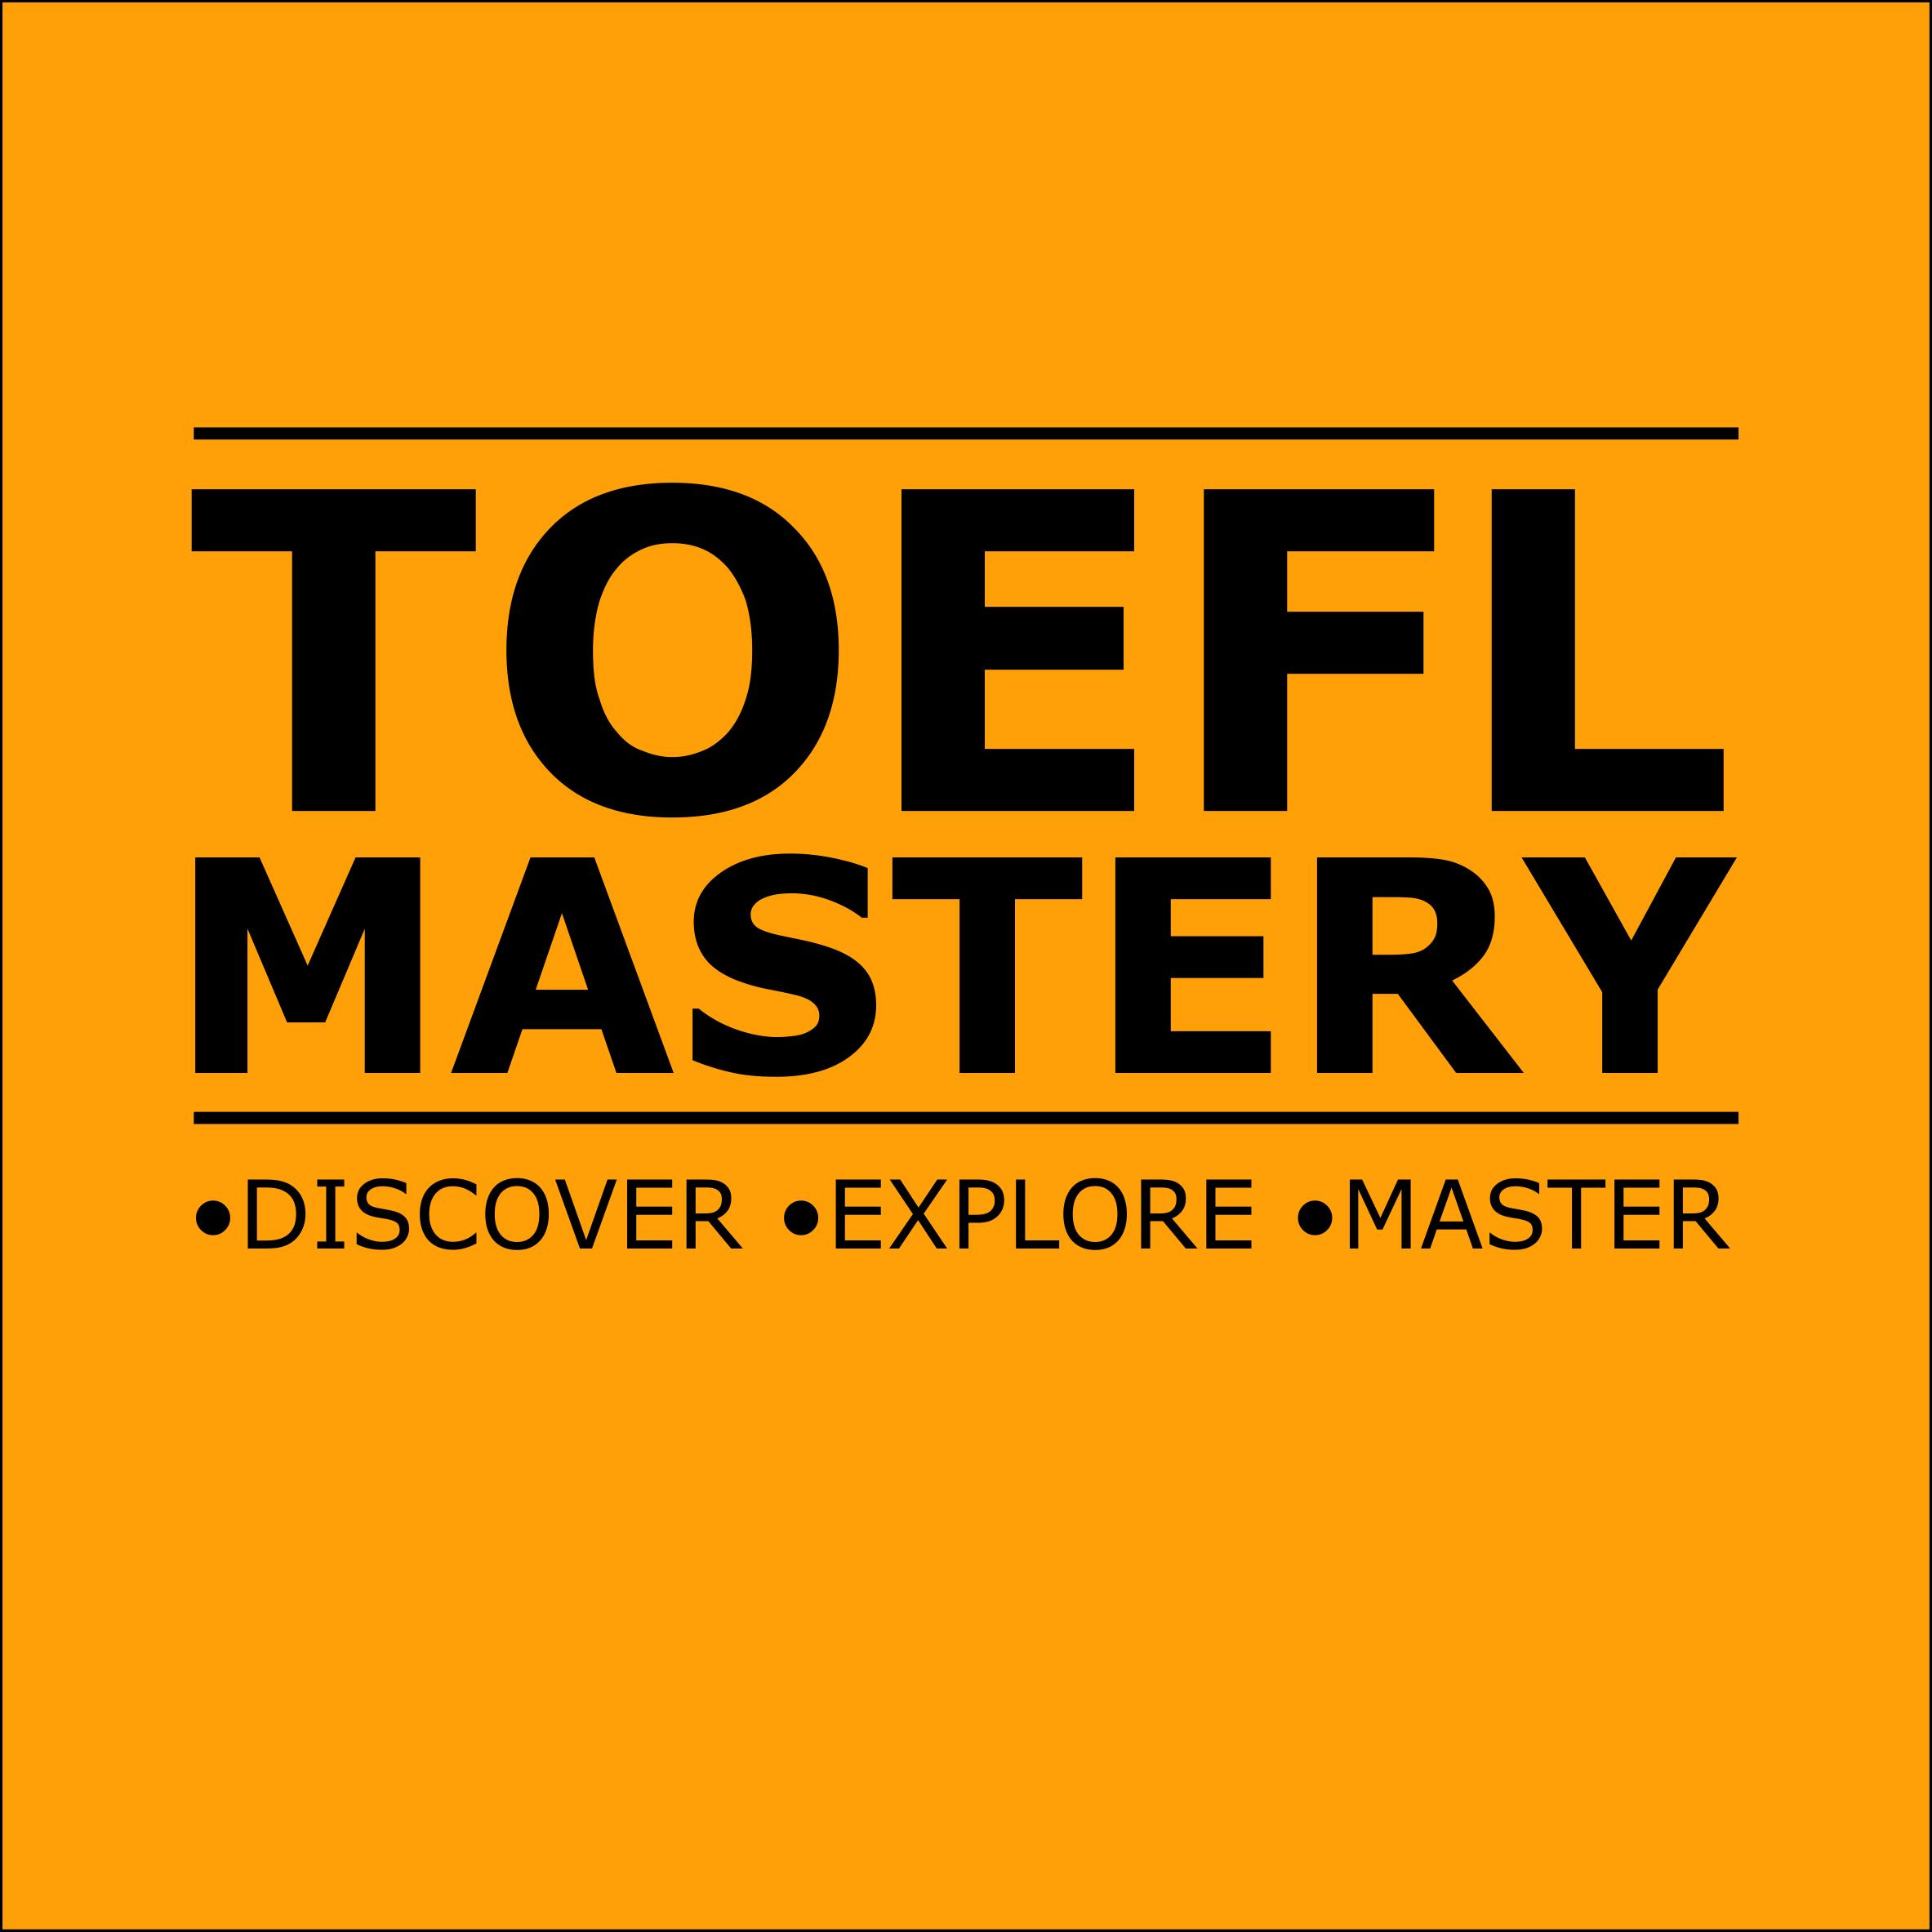 photo relating to Toefl Exercises Printable known as TOEFL Layout - Health 3 Kampung Inggris